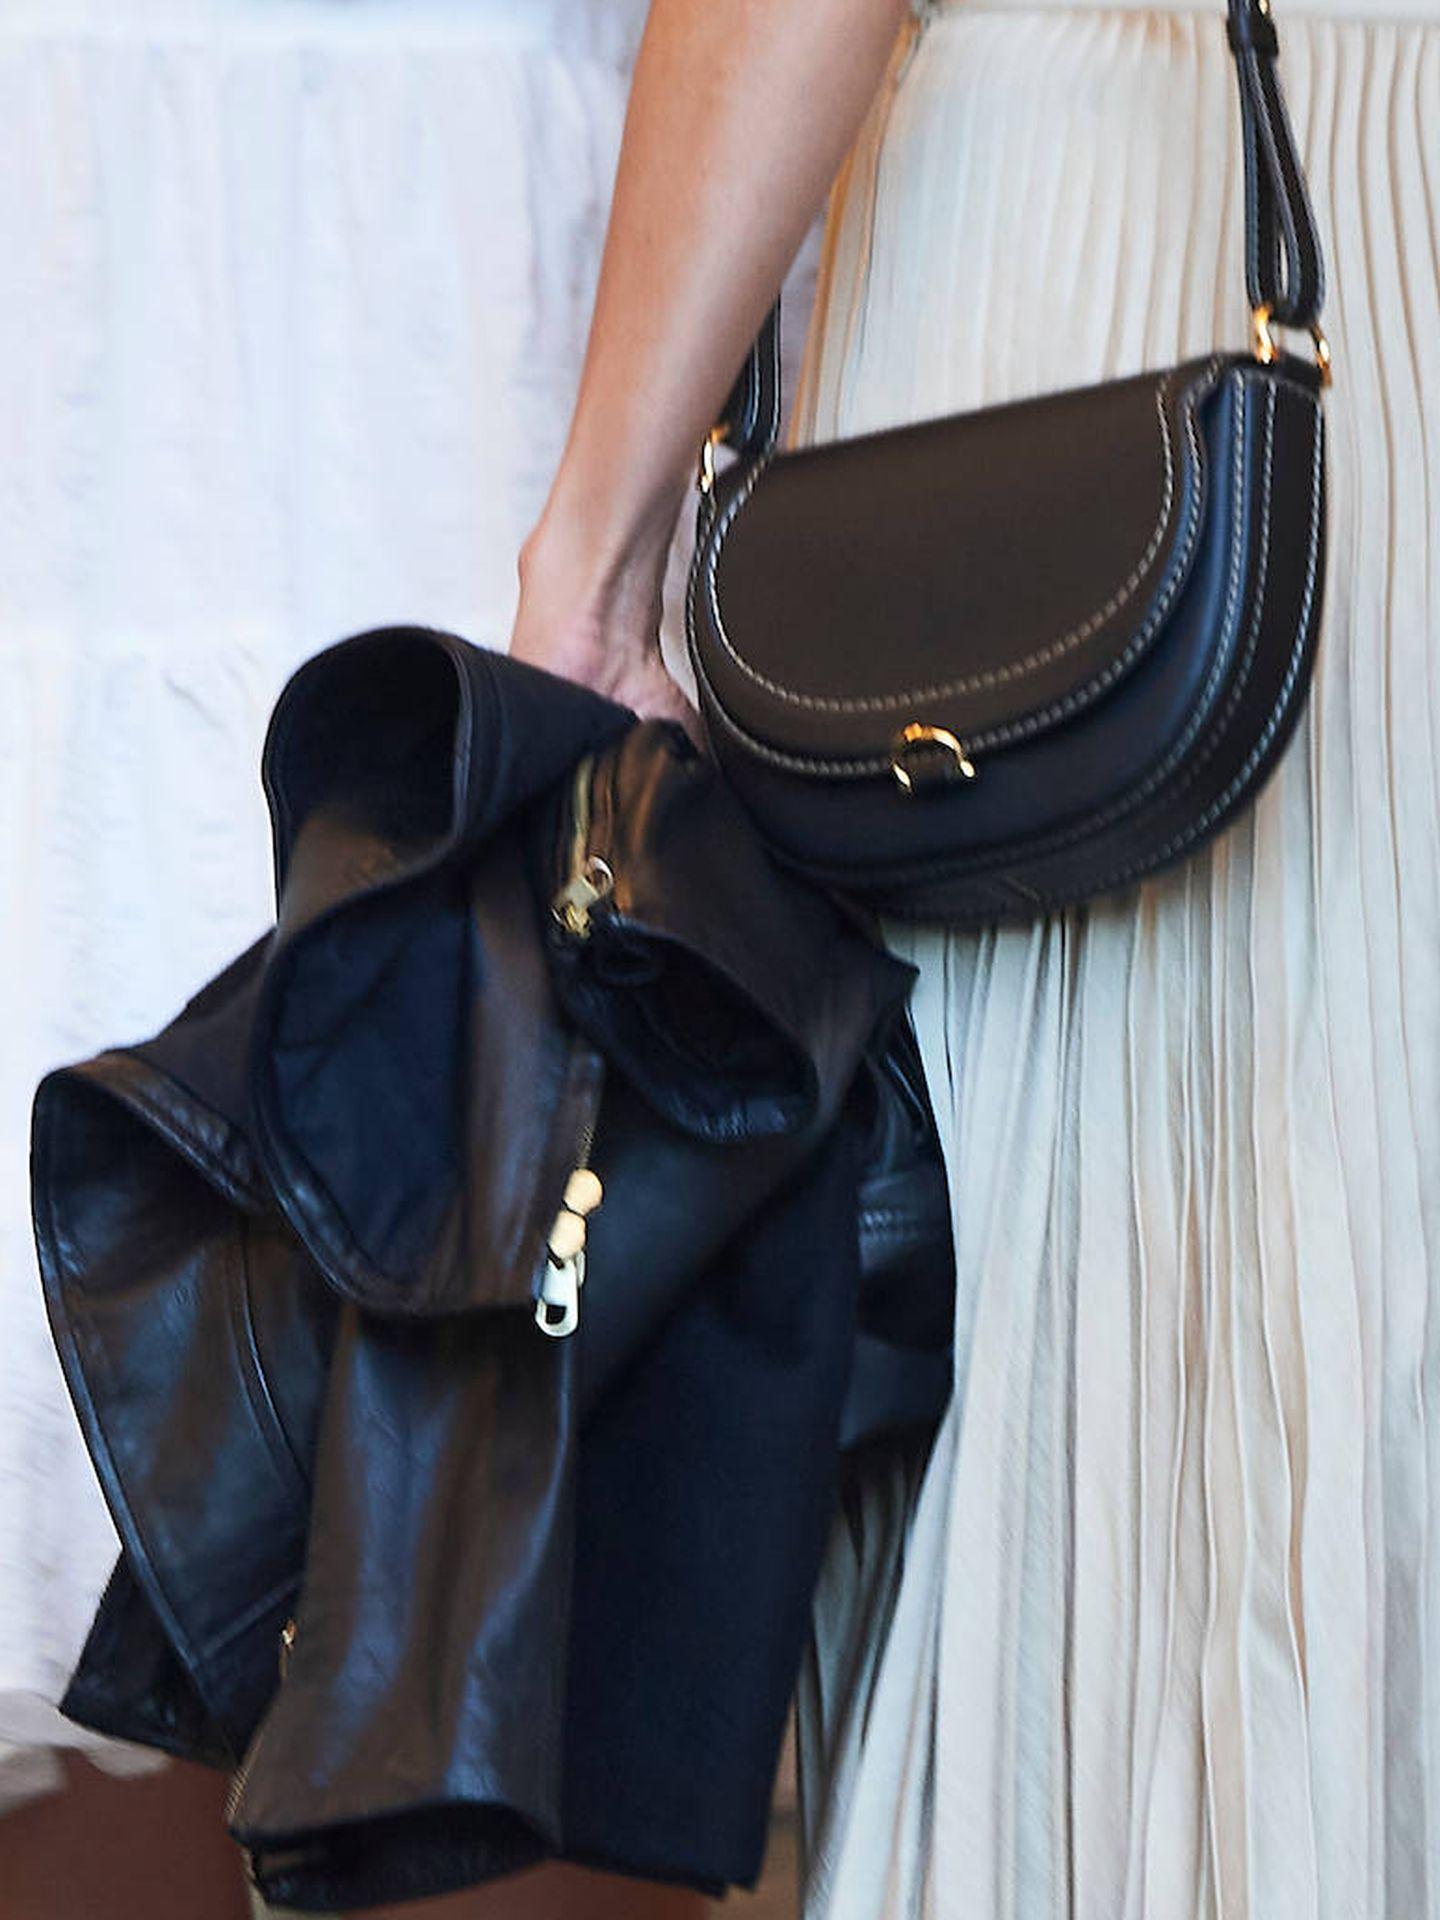 El bolso de CH Carolina Herrera. (LP)